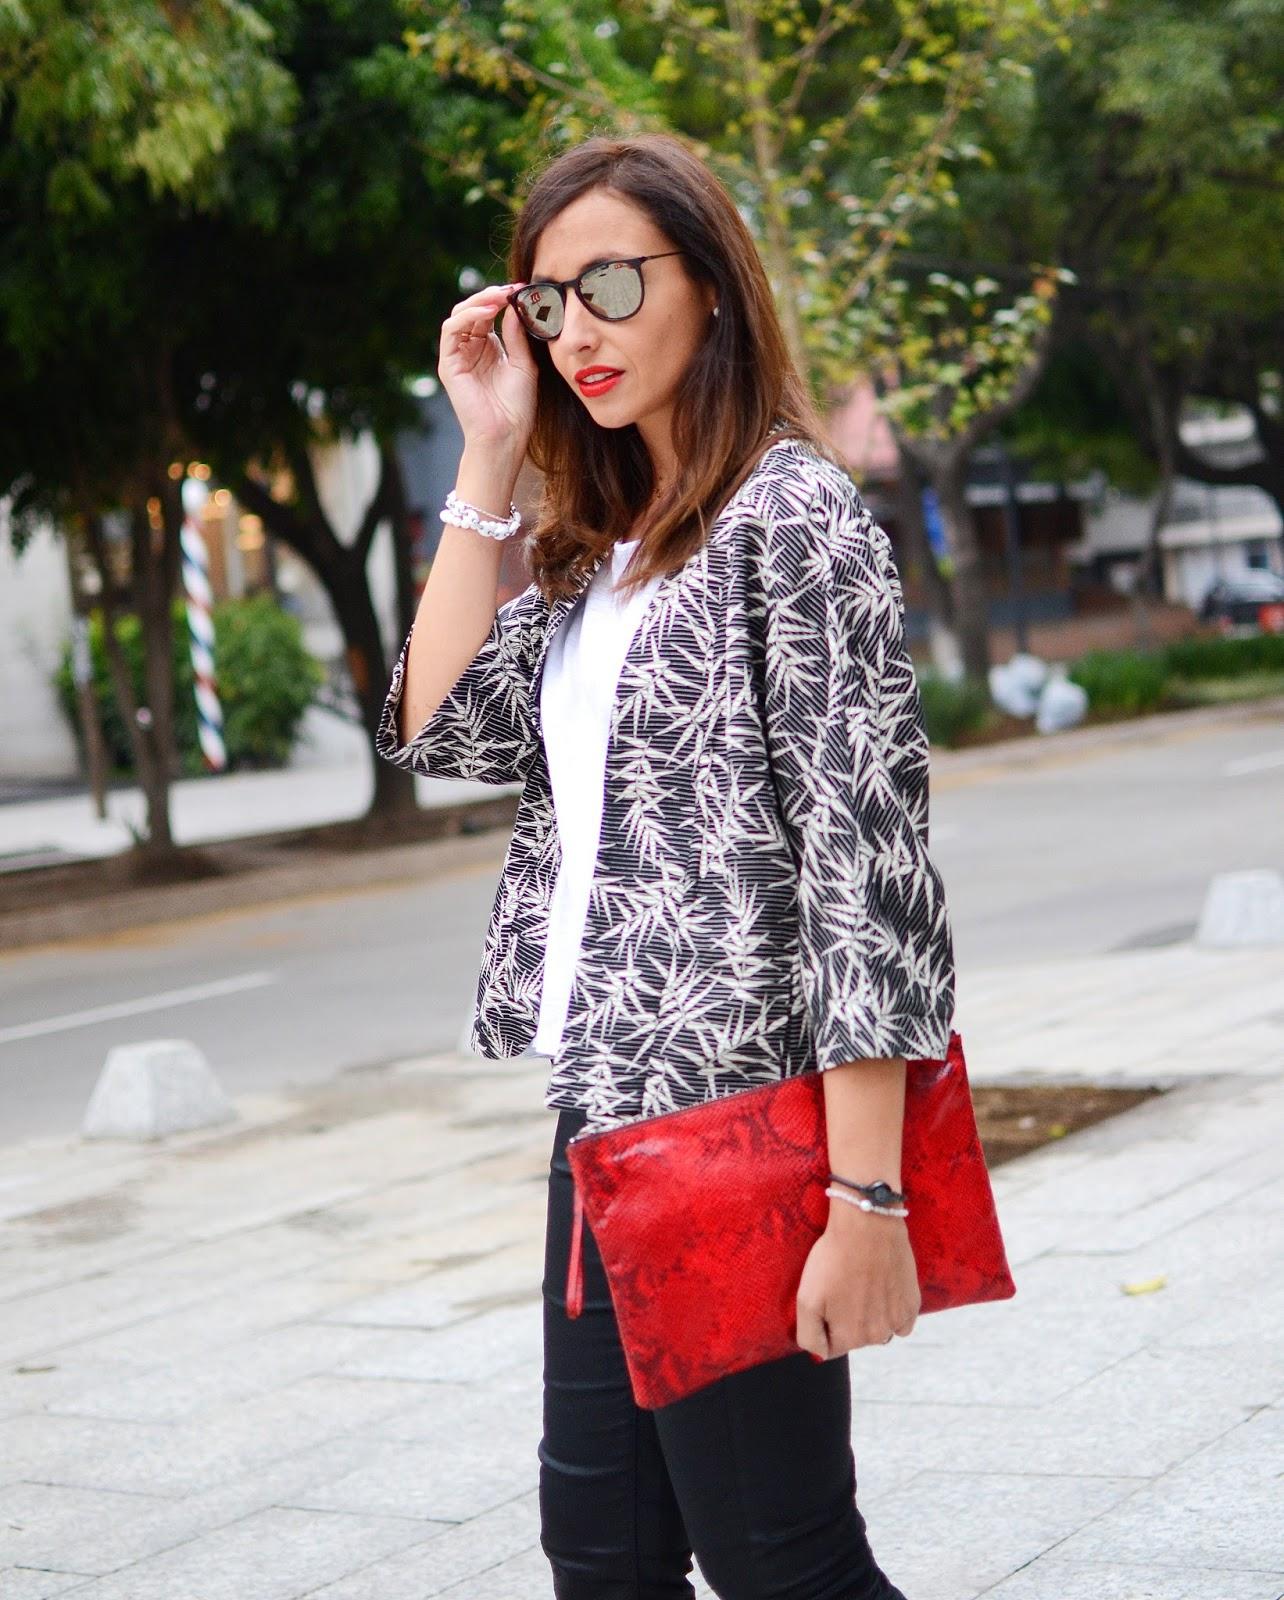 el blog de silvia - Looks de verano para la oficina - Elle España